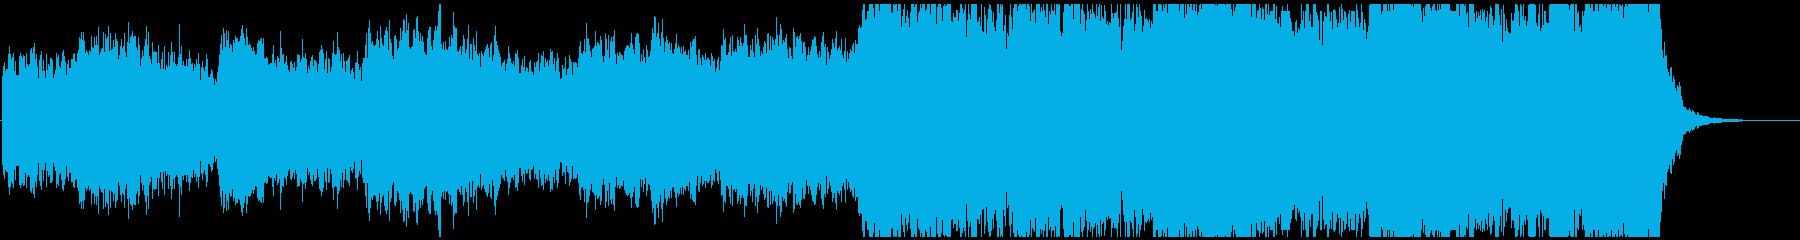 暗く重々しいシネマティックな曲の再生済みの波形